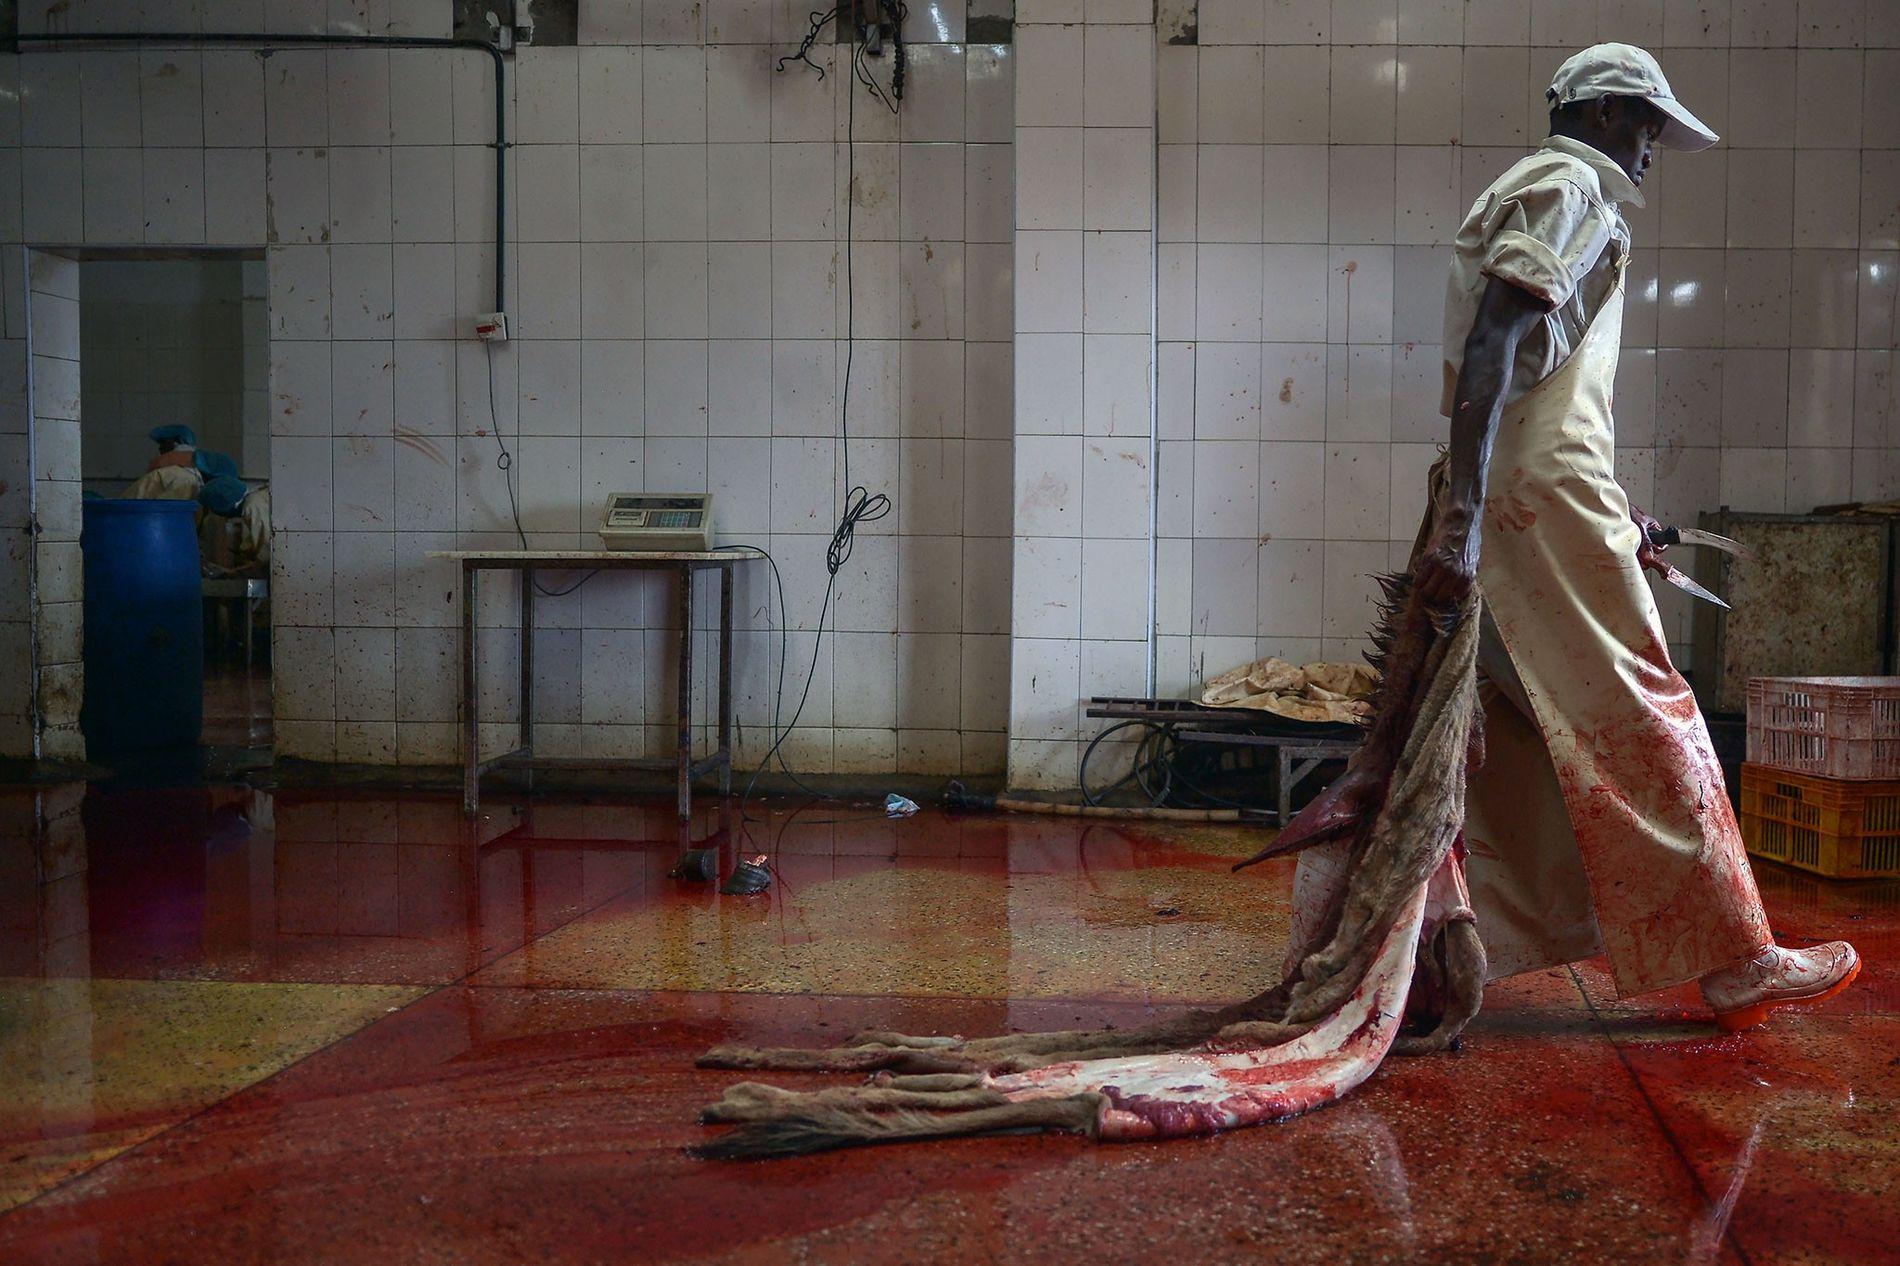 Destinées à la fabrication d'un remède traditionnel, les peaux d'ânes sont très prisées en Chine. Alors que le pays fait face à une pénurie d'ânes, de plus en plus de peaux sont importées de l'étranger. Ci-dessus, dans un abattoir d'ânes agréé situé au Kenya, un ouvrier porte une peau sur le point d'être traitée.